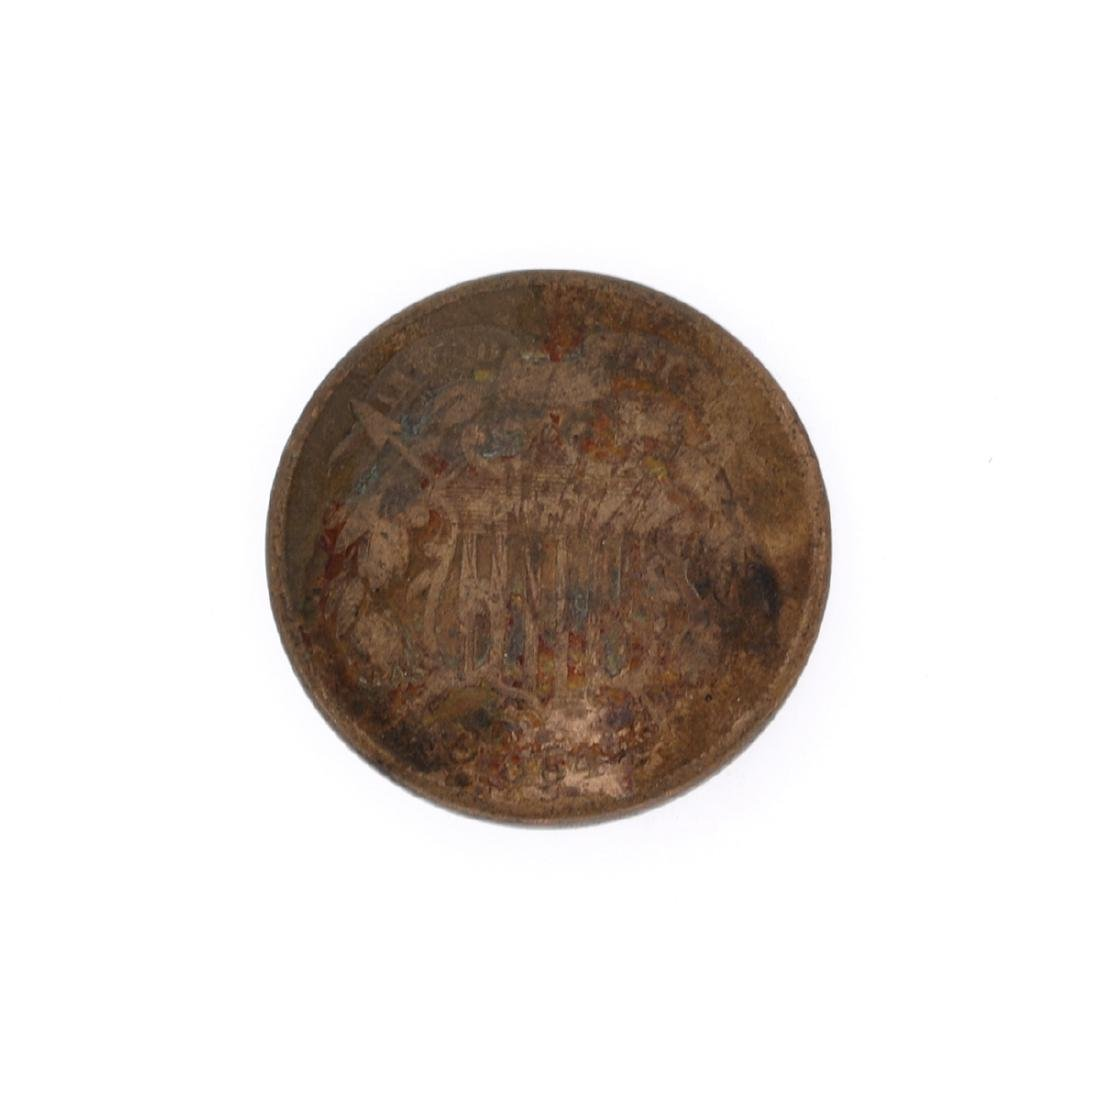 Rare XXXX Two-Cents Piece Coin